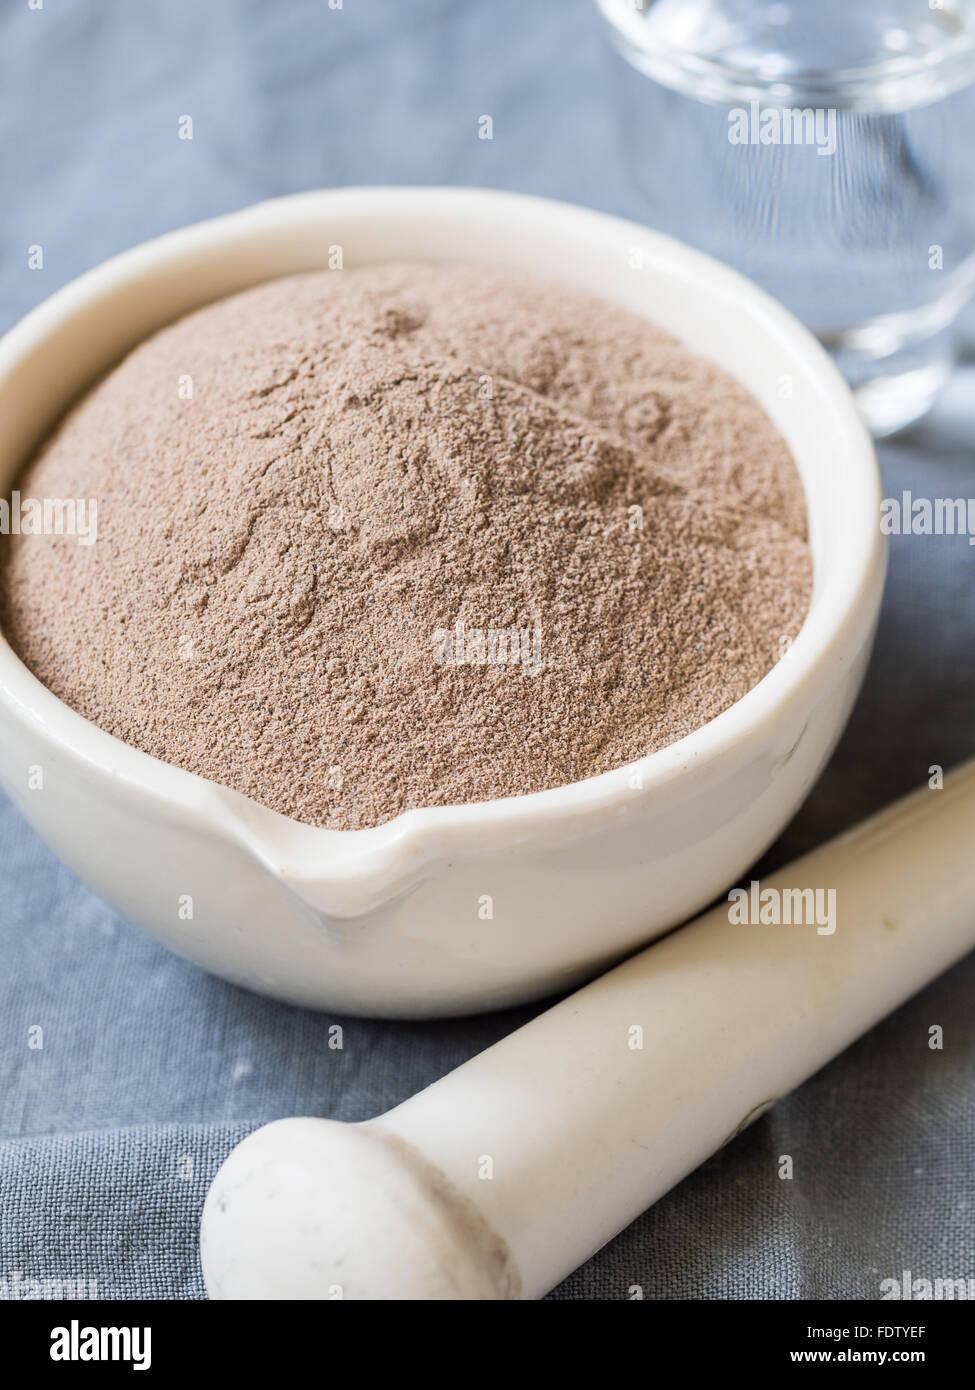 Kosmetischen Rhassoul Tonpulver in Mörtel. Stockbild